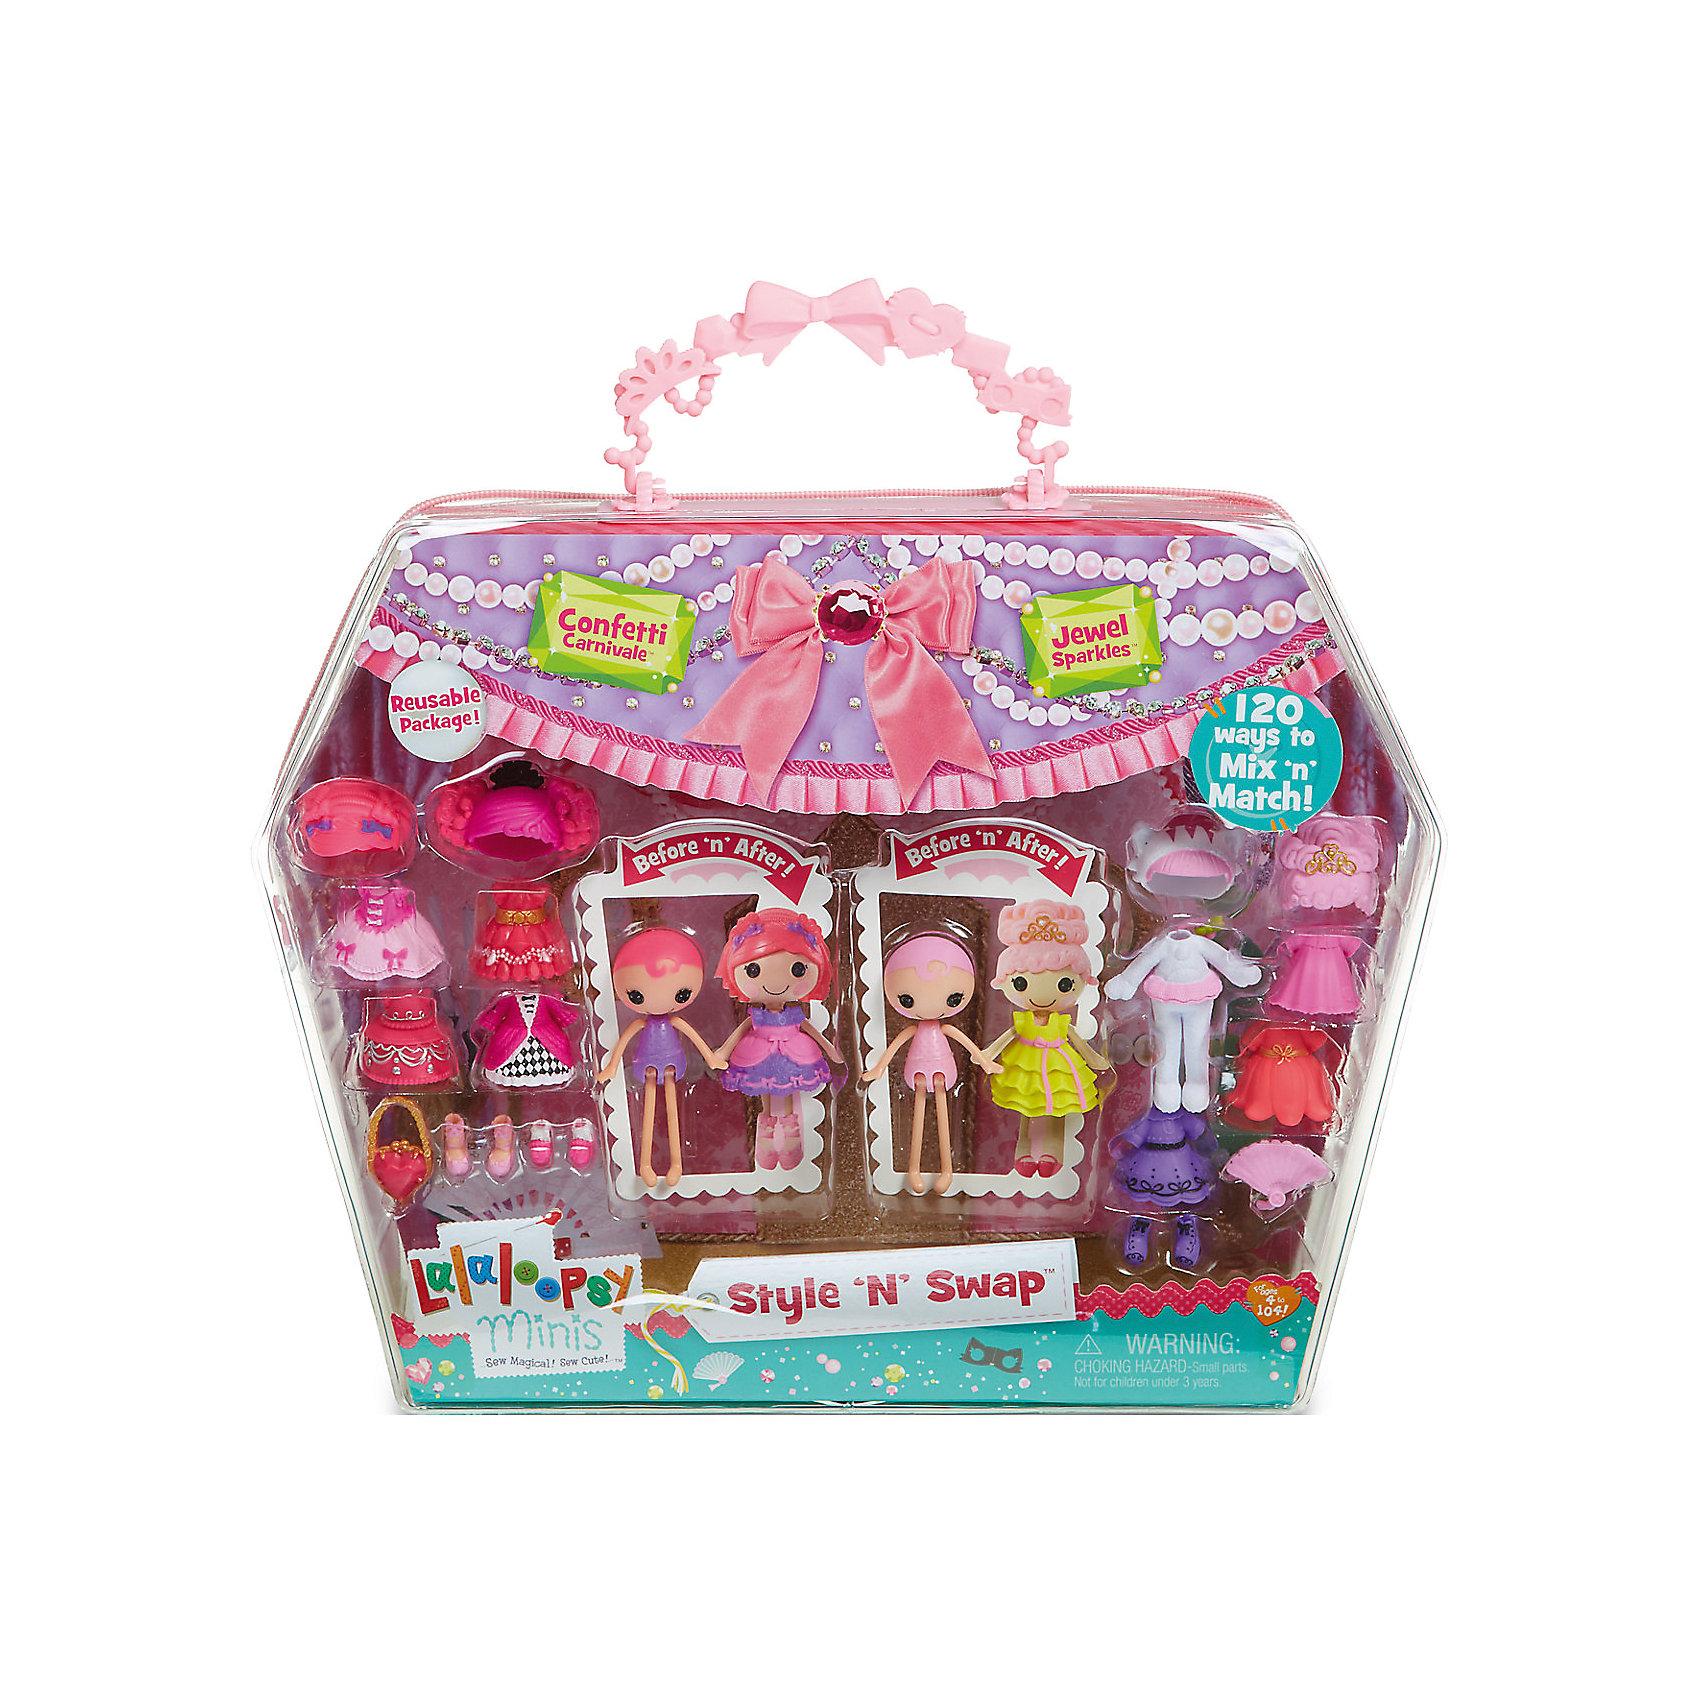 Игровой набор Мини-Лалалупси, Карнавал, с двумя куклами и аксессуарамиХарактеристики товара:<br><br>- цвет: разноцветный;<br>- материал: пластик;<br>- подвижные части тела;<br>- комплектация: 2 куклы, аксессуары;<br>- размер упаковки: 5 x 33 x 25 см.<br><br>Эти симпатичные куклы Мини-Лалалупси от известного бренда не оставят девочку равнодушной! Какая девочка сможет отказаться поиграть с куклами, которых можно переодевать и менять им прически благодаря набору аксессуаров?! В комплект входят наряды, обувь и парики - всего 20 предметов. Игрушка очень качественно выполнена, поэтому она станет замечательным подарком ребенку. <br>Продается набор в красивой удобной упаковке. Изделие произведено из высококачественного материала, безопасного для детей.<br><br>Игровой набор Мини-Лалалупси, Карнавал, с двумя куклами и аксессуарами, можно купить в нашем интернет-магазине.<br><br>Ширина мм: 330<br>Глубина мм: 270<br>Высота мм: 50<br>Вес г: 373<br>Возраст от месяцев: 36<br>Возраст до месяцев: 2147483647<br>Пол: Женский<br>Возраст: Детский<br>SKU: 5094052